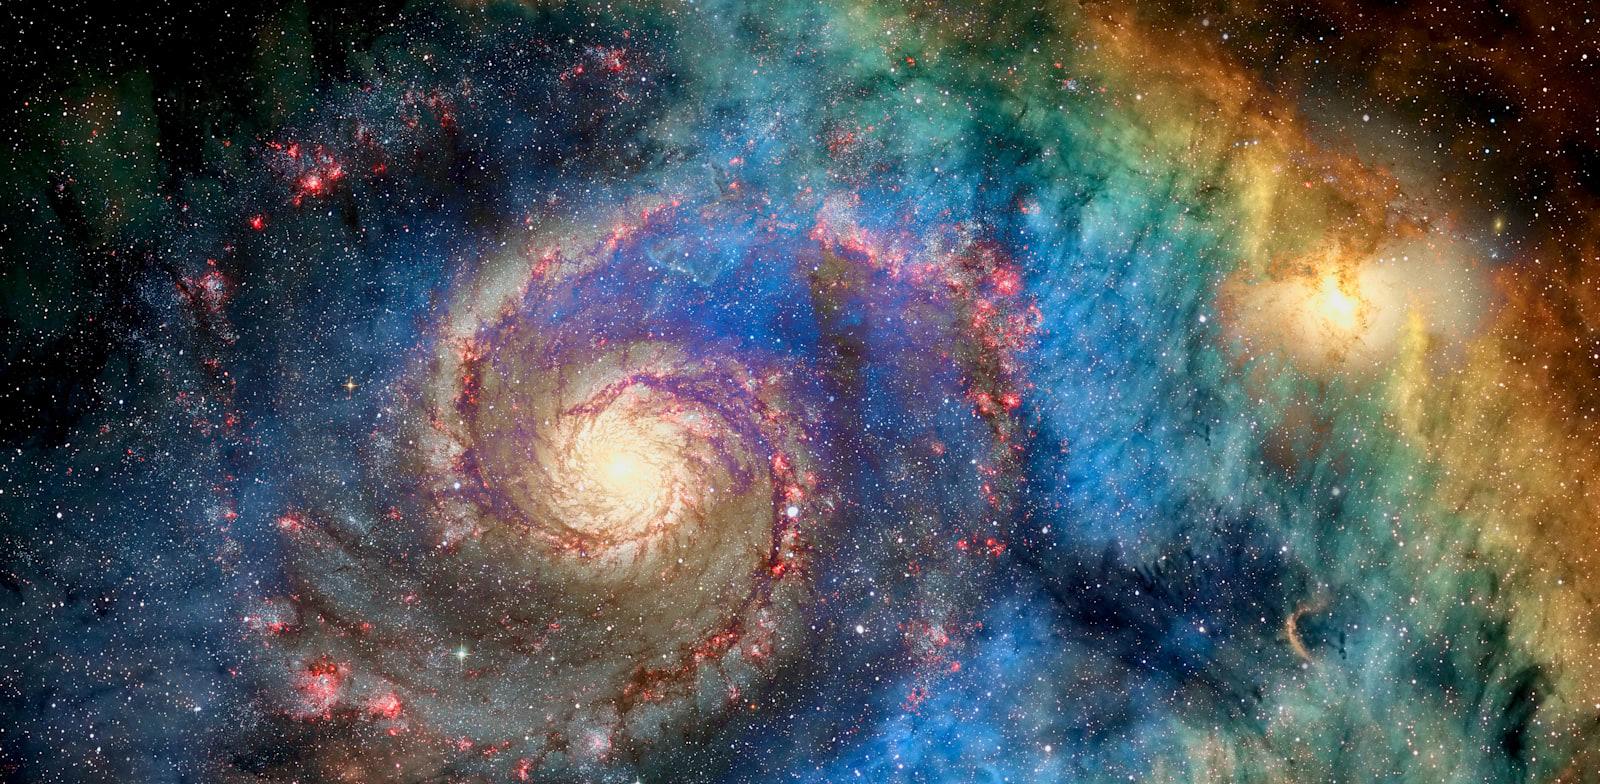 גלקסיה בצילום של נאסא / צילום: Shutterstock